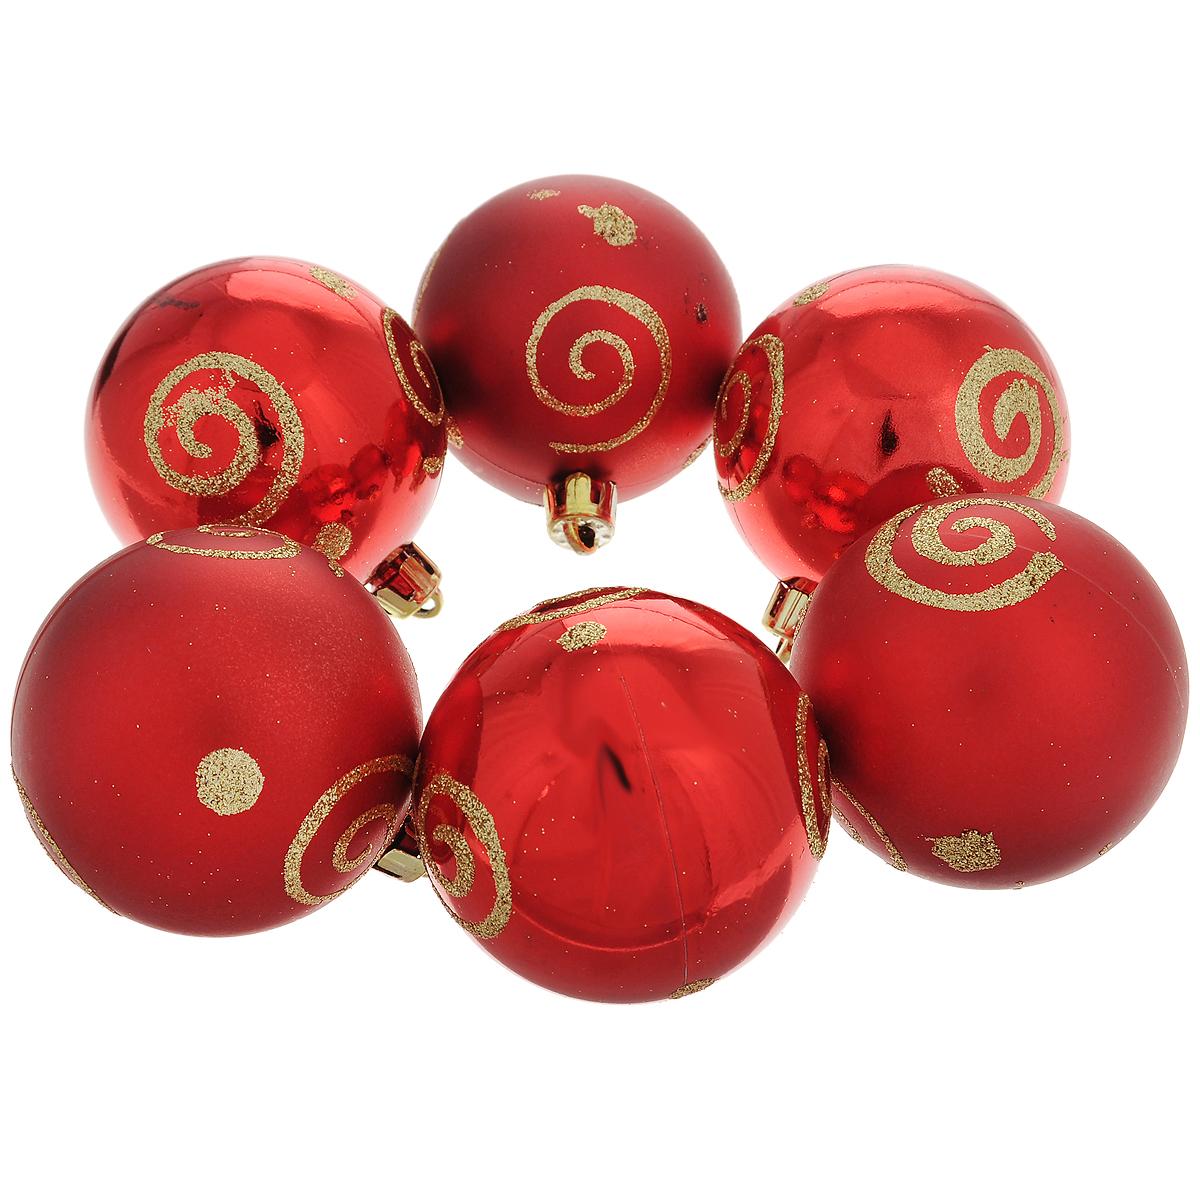 Набор новогодних подвесных украшений Шар, цвет: золотистый, красный, диаметр 6 см, 6 шт. 3550135501Набор новогодних подвесных украшений Шар прекрасно подойдет для праздничного декора новогодней ели. Состоит из шести шаров.Елочная игрушка - символ Нового года. Она несет в себе волшебство и красоту праздника. Создайте в своем доме атмосферу веселья и радости, украшая новогоднюю елку нарядными игрушками, которые будут из года в год накапливать теплоту воспоминаний. Коллекция декоративных украшений принесет в ваш дом ни с чем несравнимое ощущение волшебства! Откройте для себя удивительный мир сказок и грез. Почувствуйте волшебные минуты ожидания праздника, создайте новогоднее настроение вашим дорогим и близким.